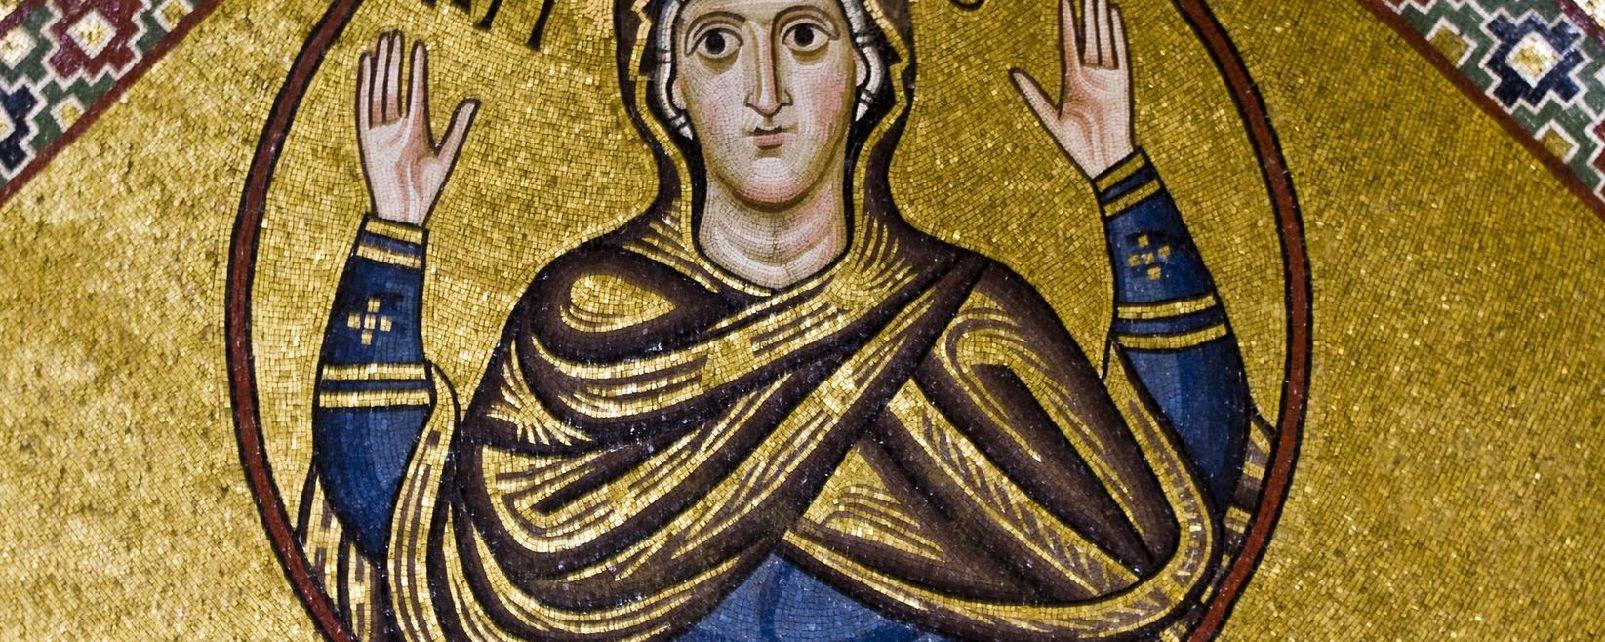 Le musée de l'art Byzantin à Thessalonique , Le musée de l'art byzantin à Thessalonique , Grèce